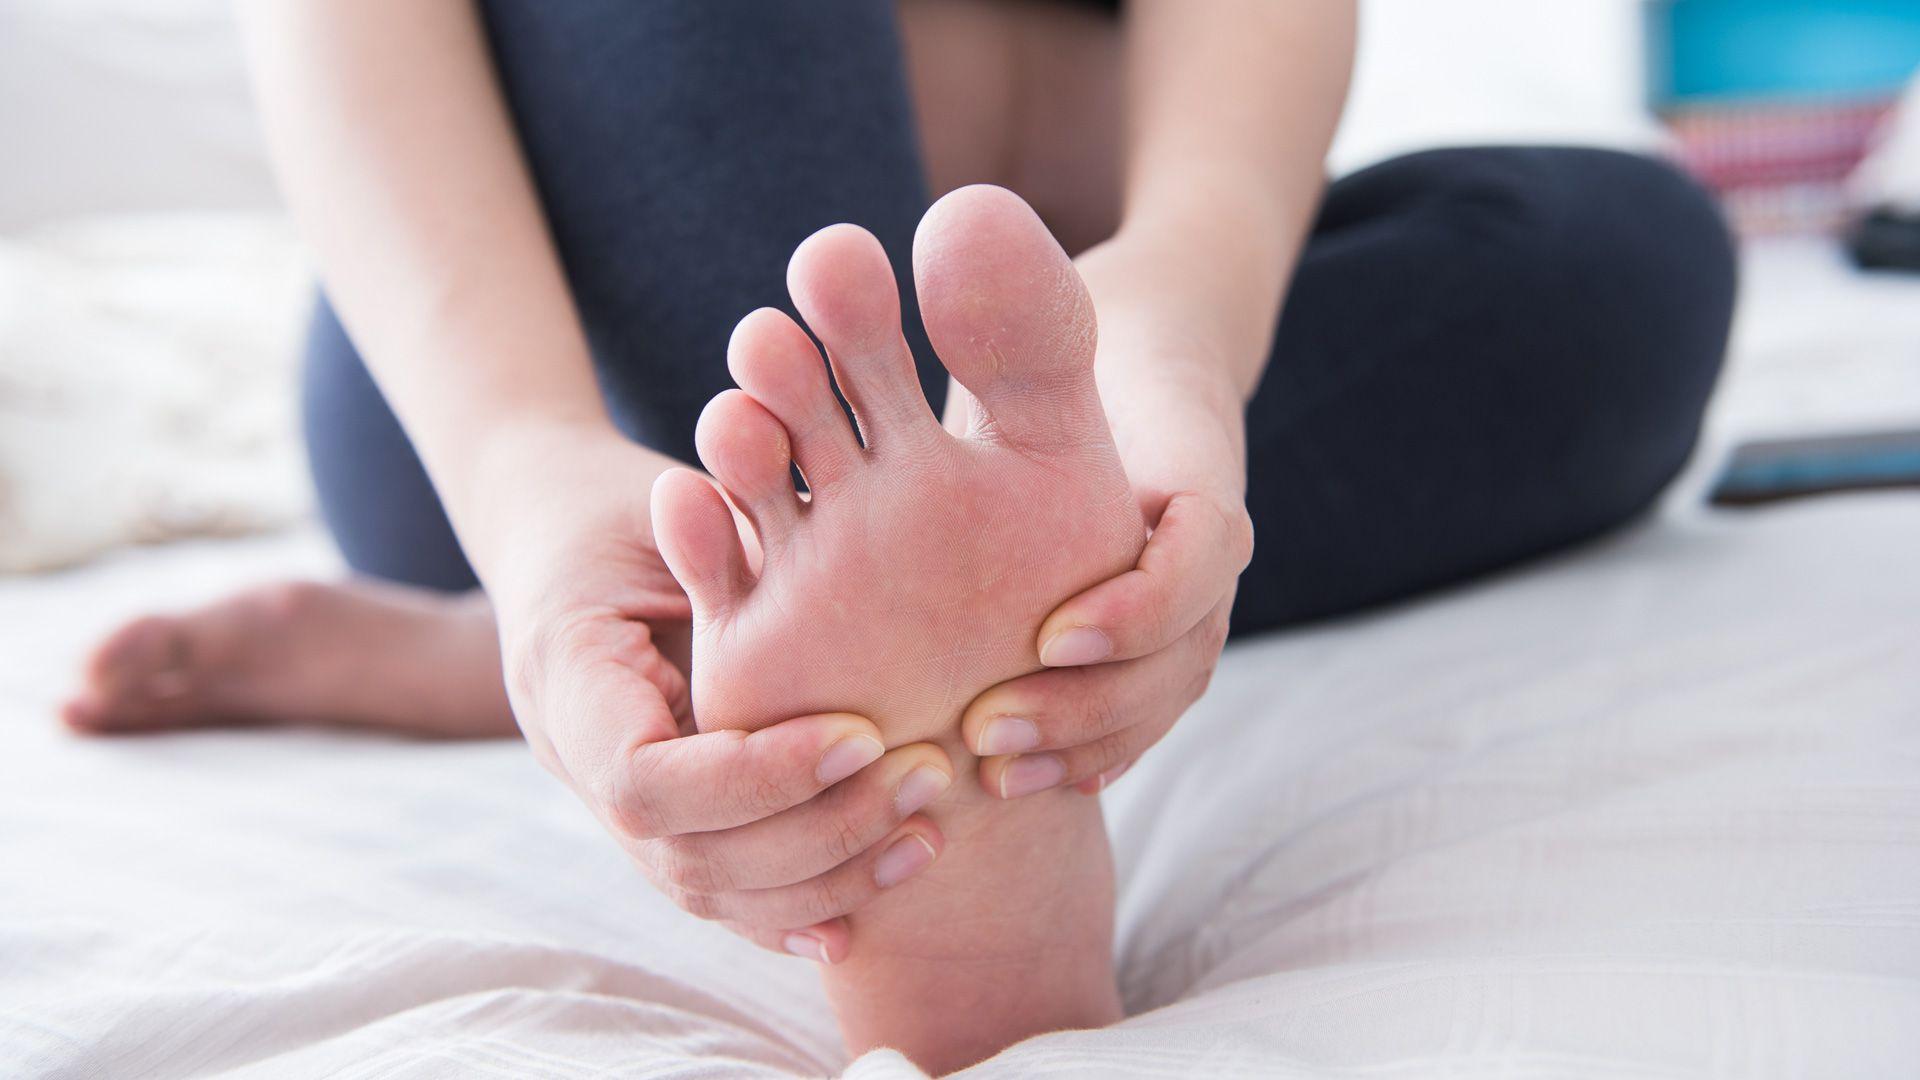 Nachtelijke Spierkrampen 4 Tips Die Dit Echt Helpen Voorkomen